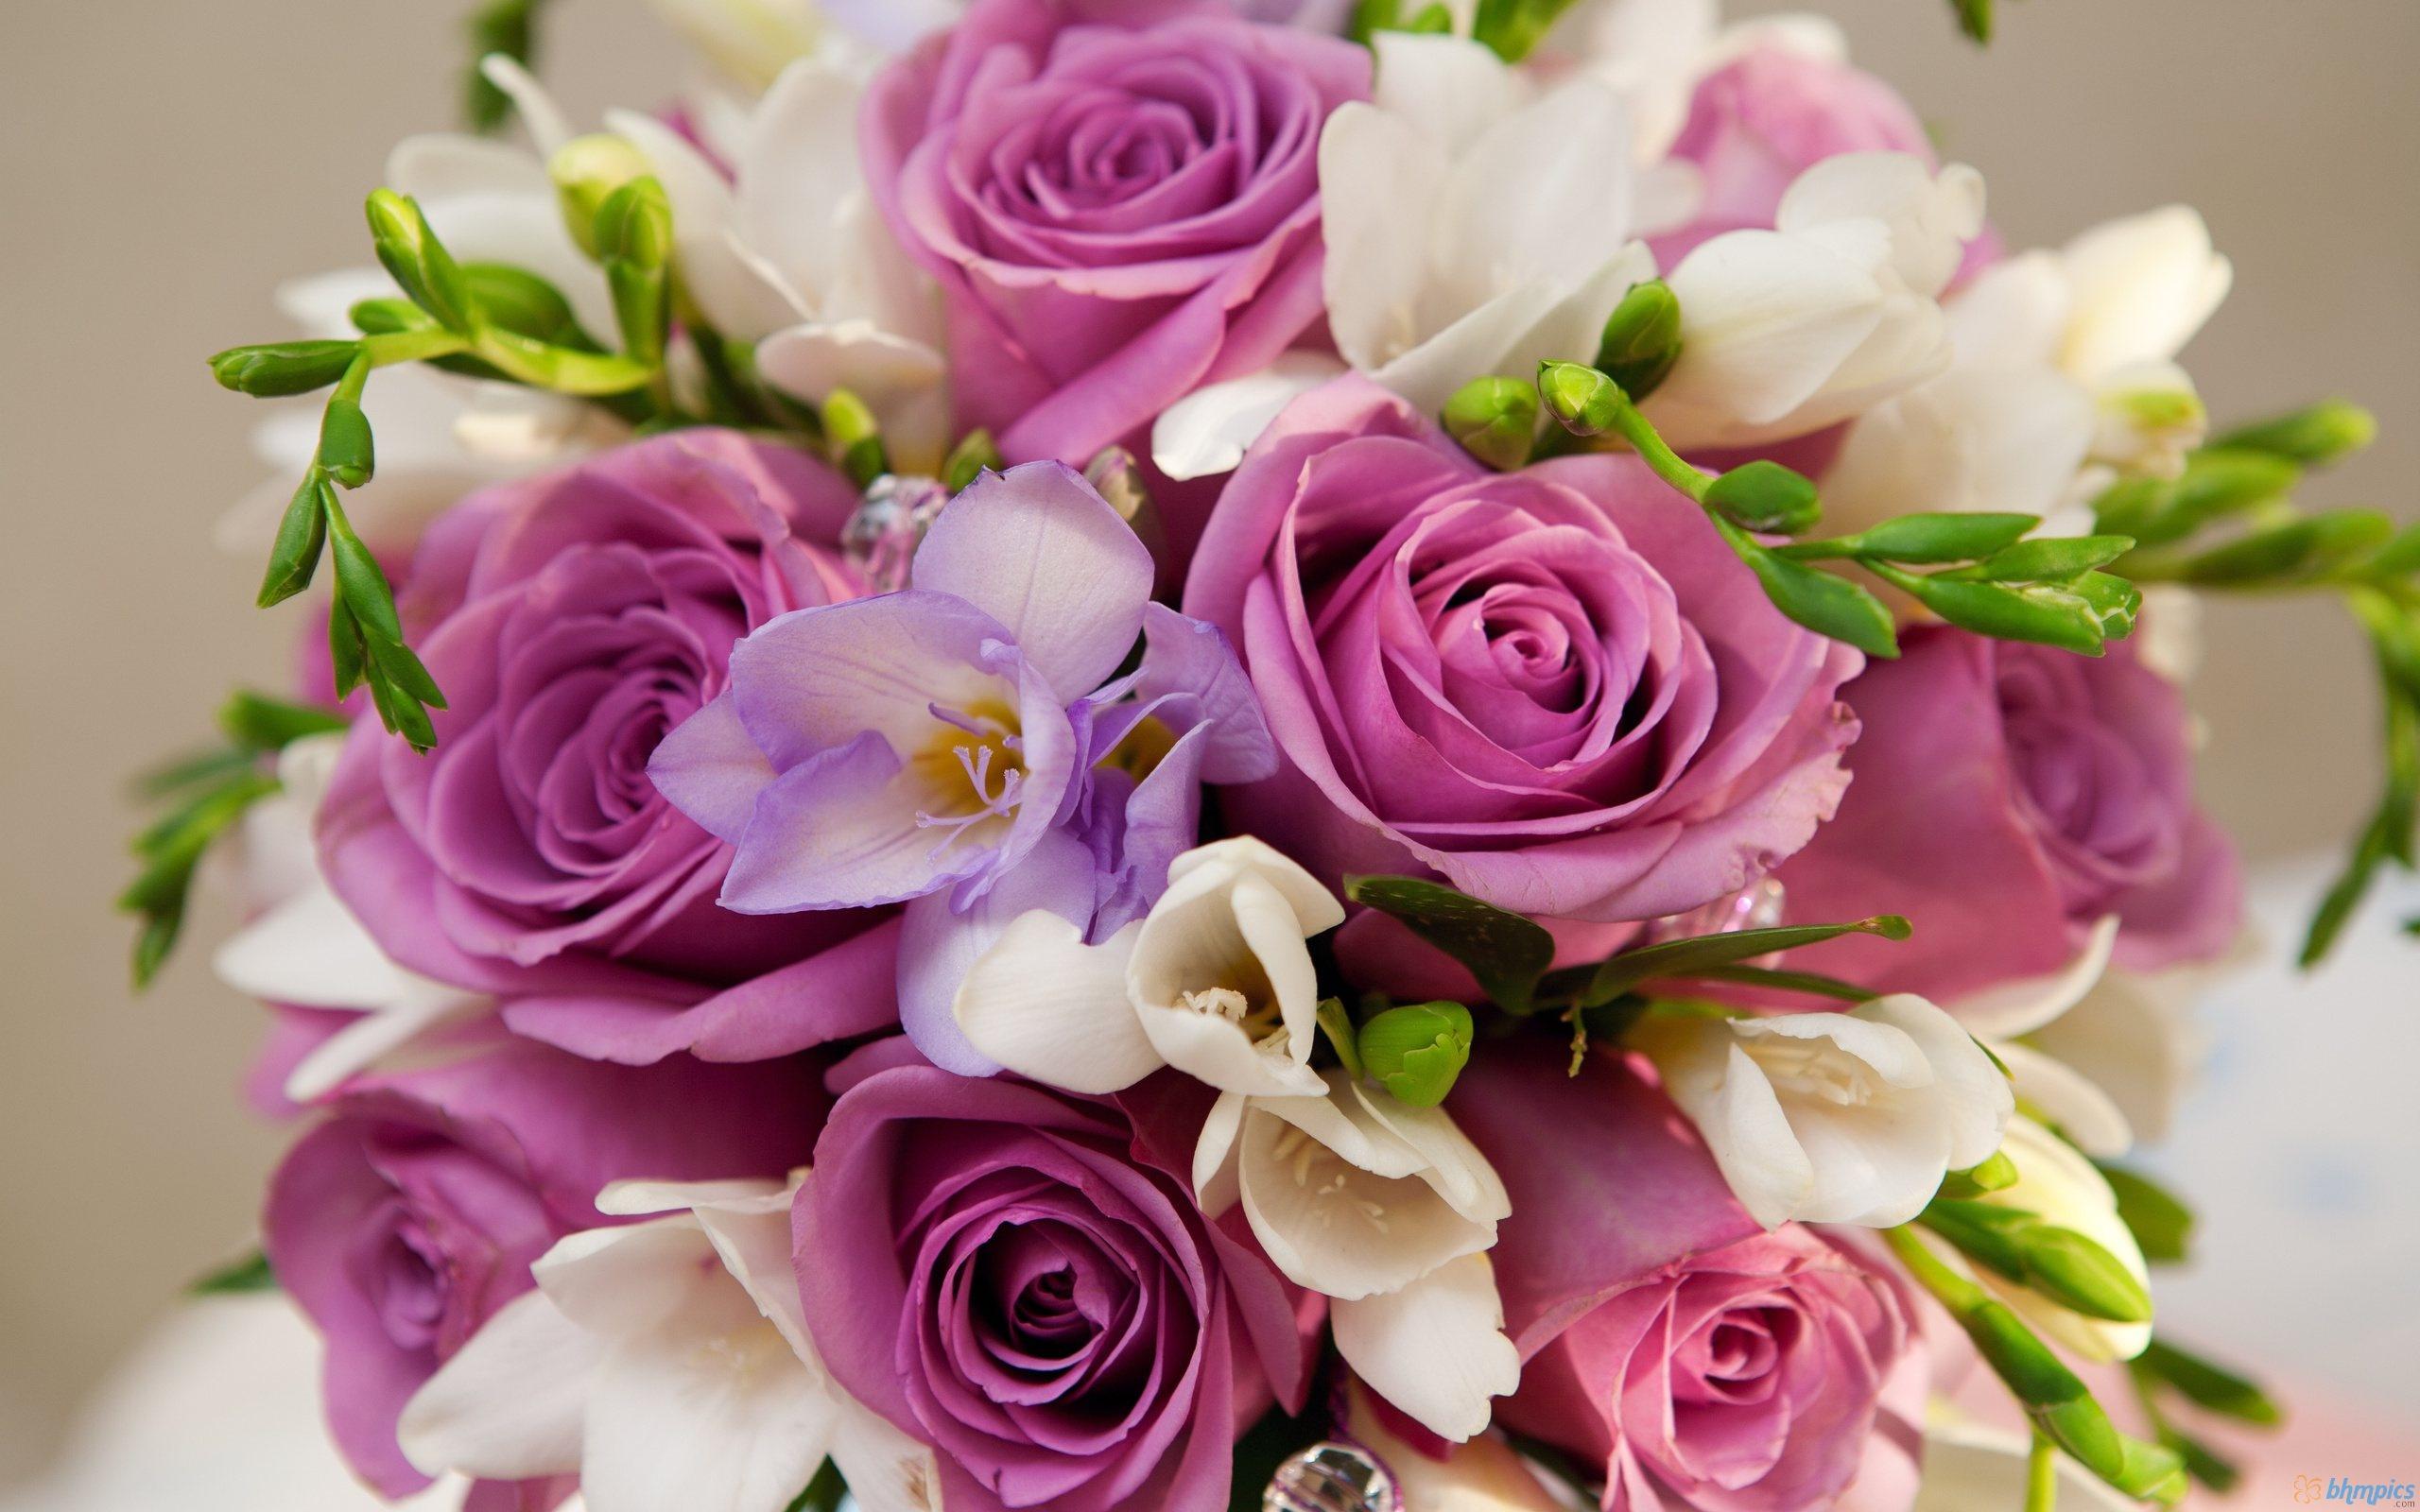 صوره اجمل الزهور والورود الملونه